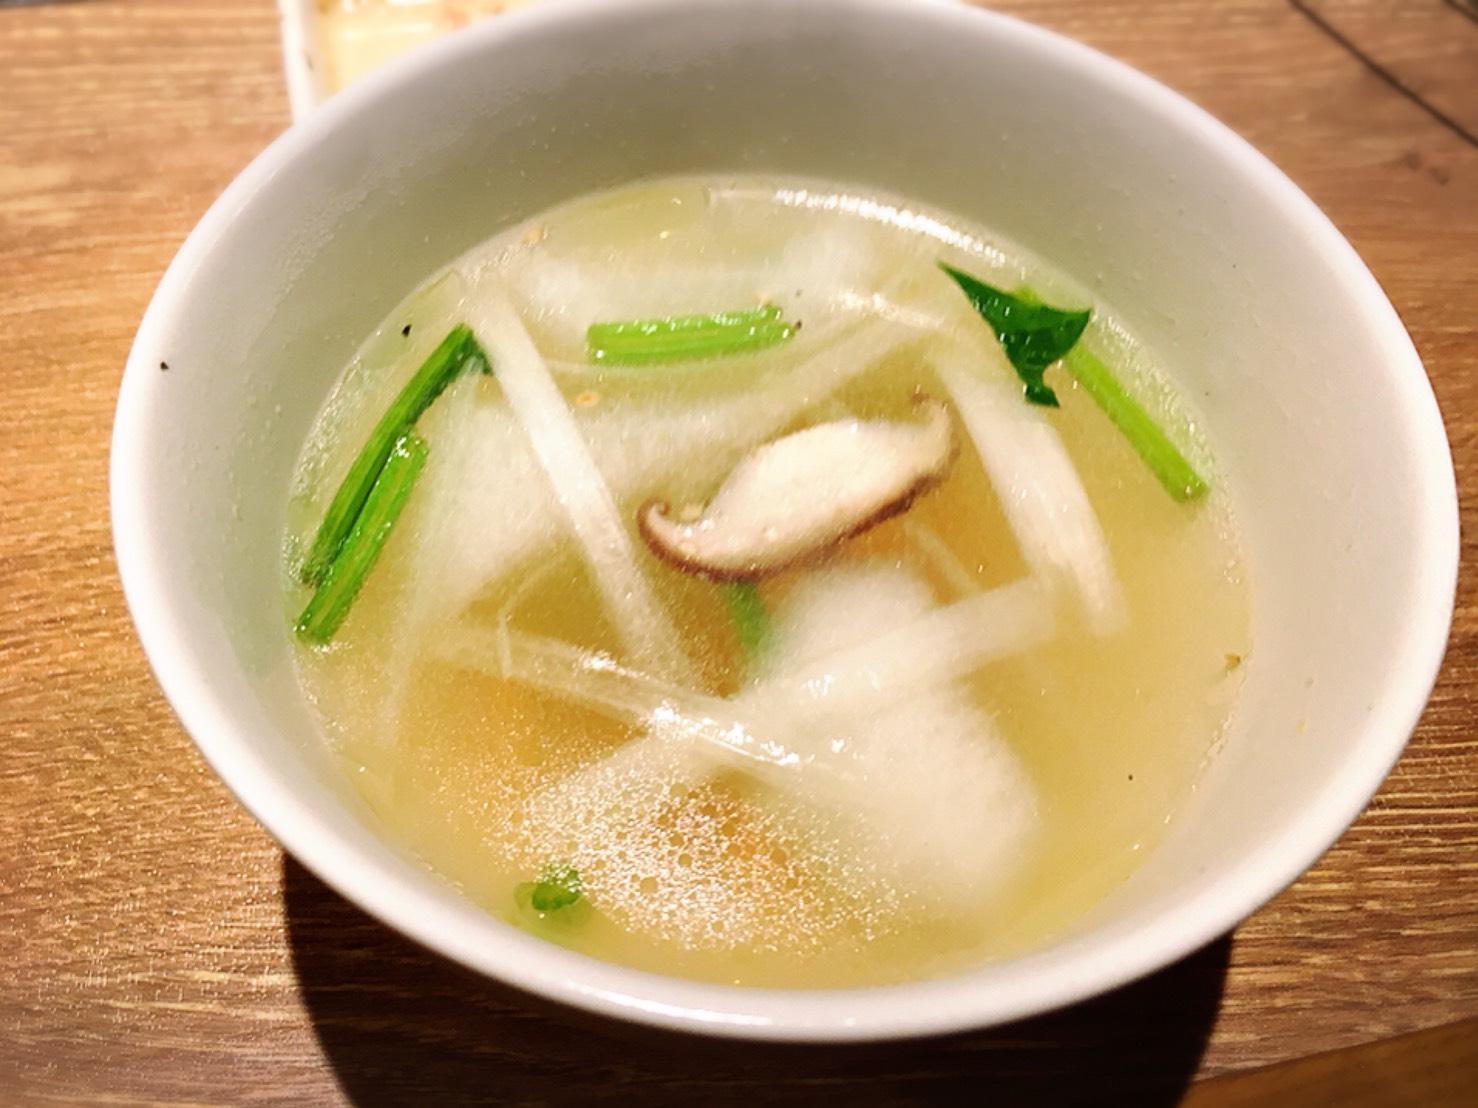 【池袋駅】ランチ1,980円で食べ放題やみつき!「焼肉叙庵」の野菜スープ